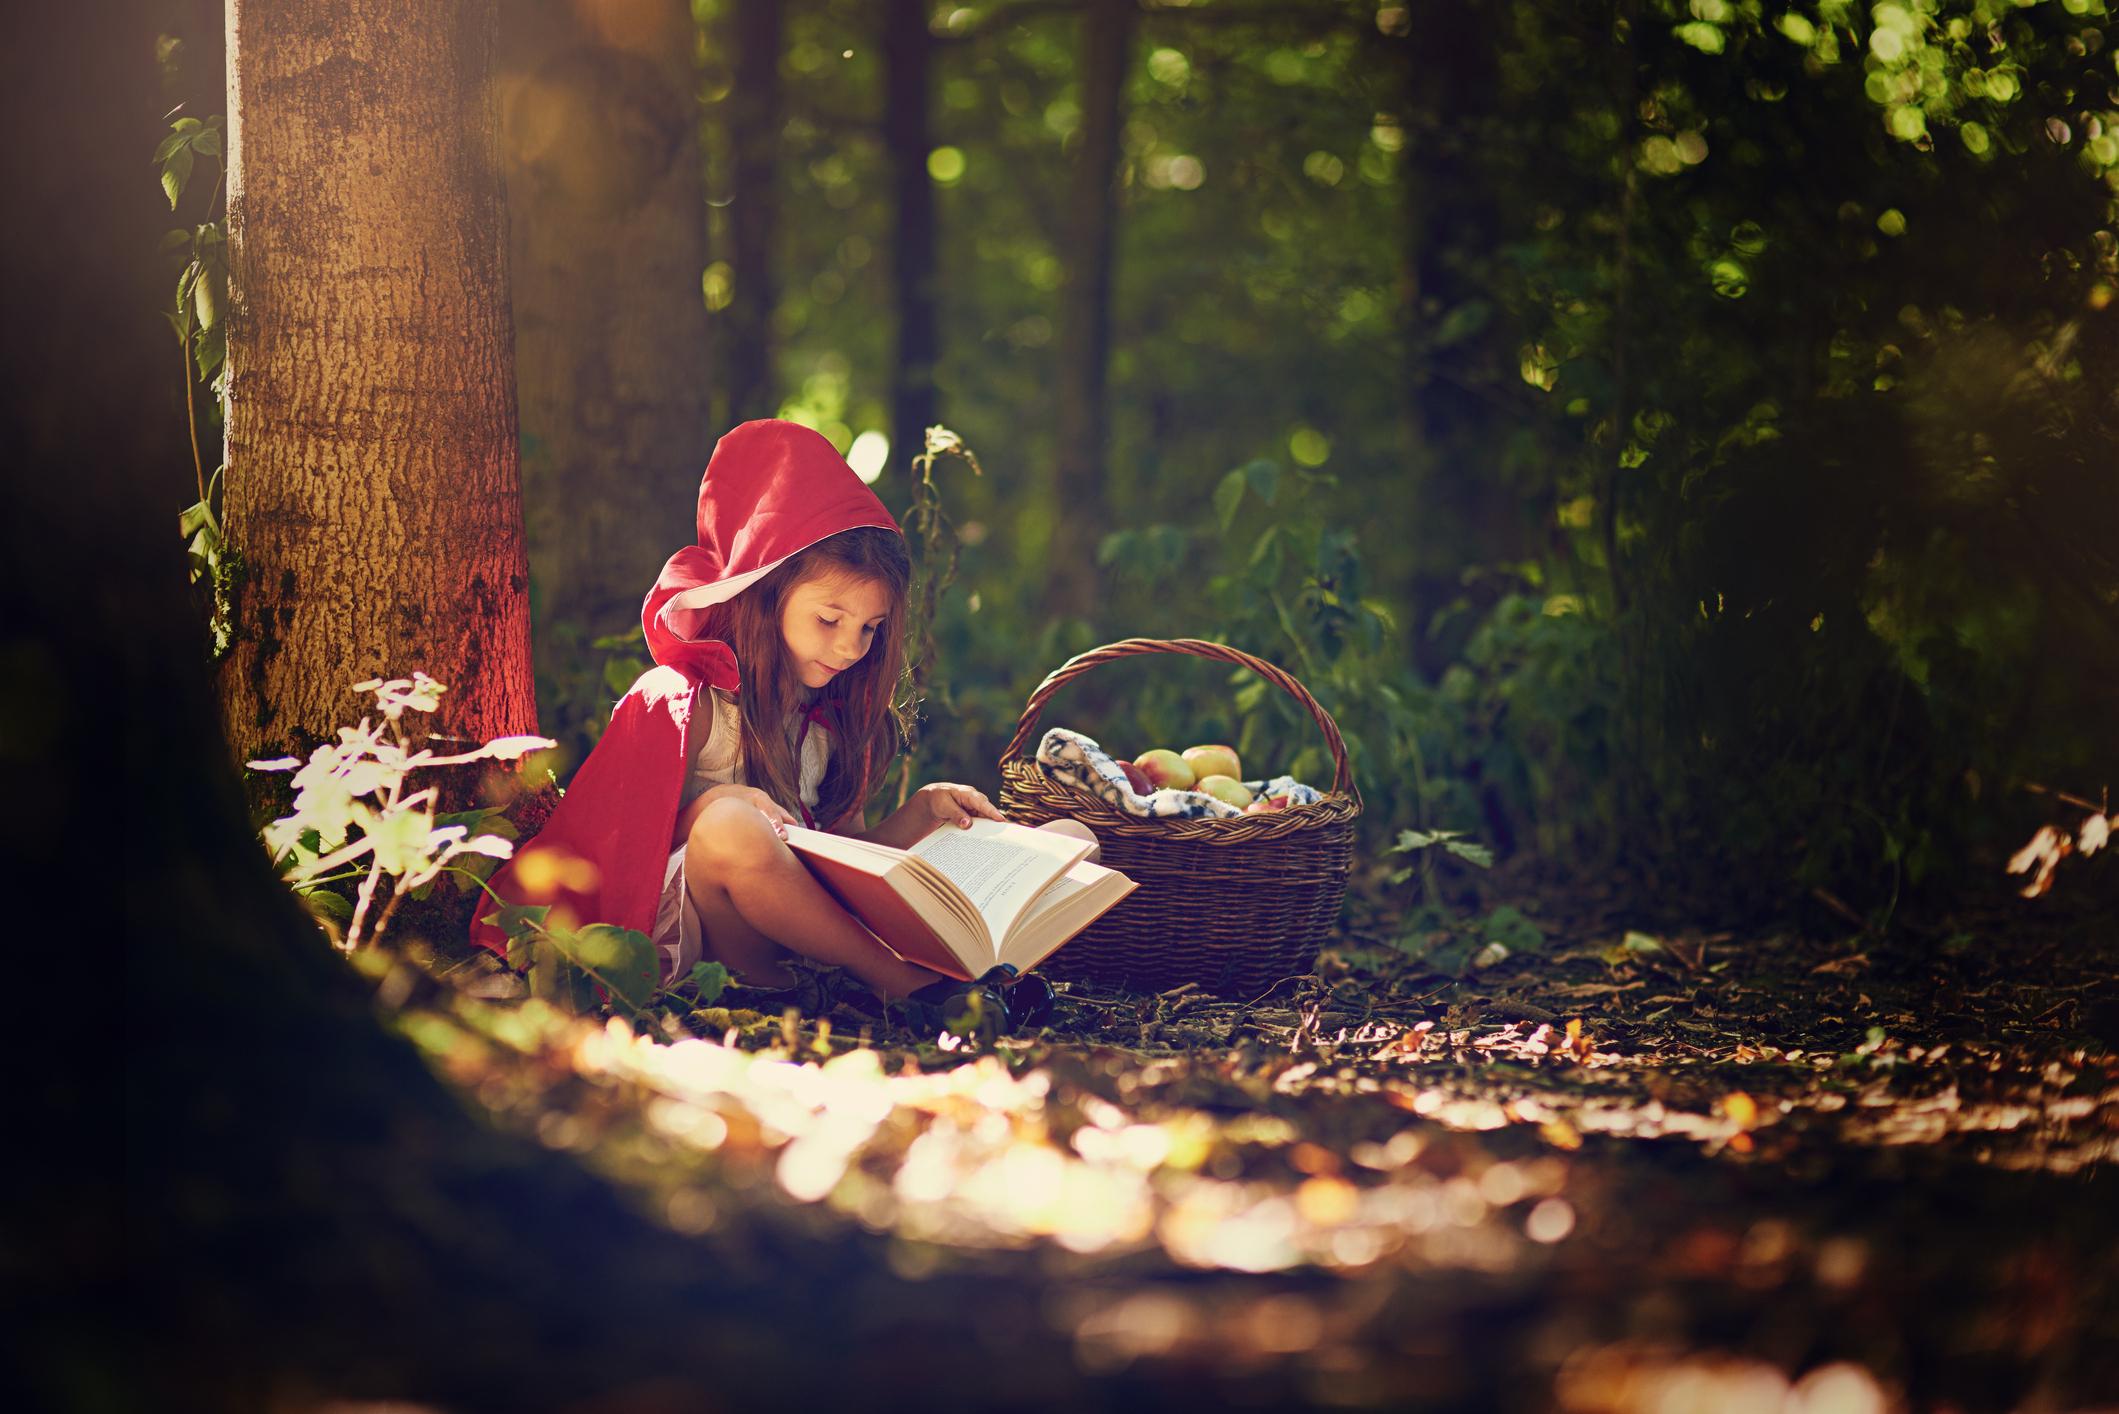 רעיונות לכתיבת סיפורי פנטזיה